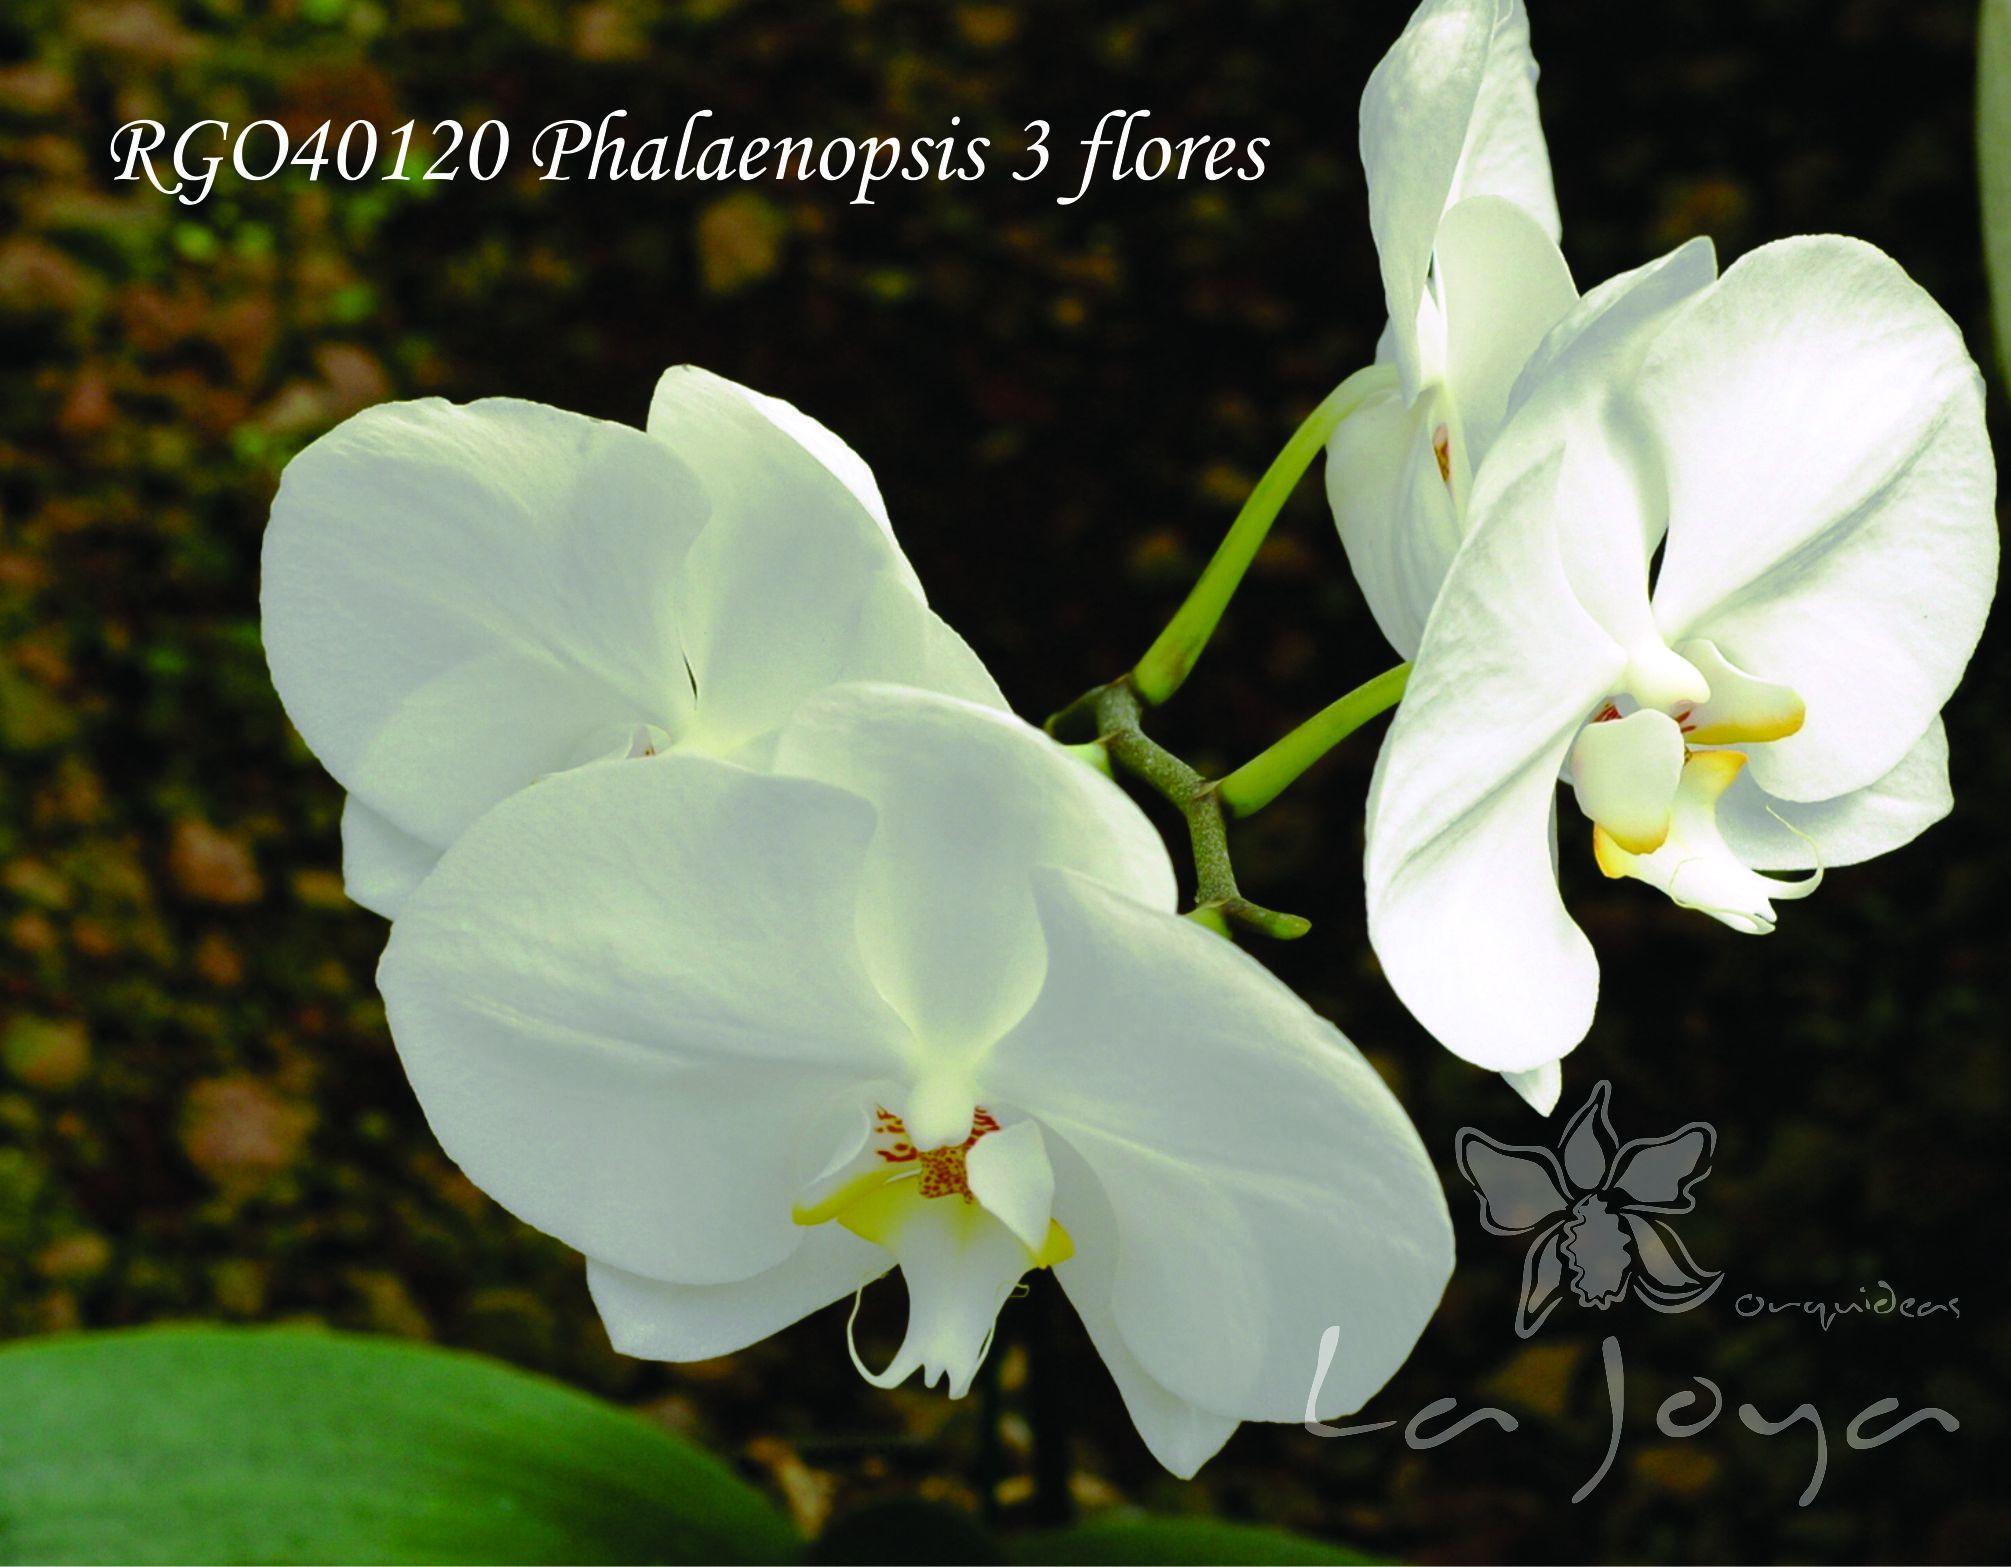 Phal RG040120 con 3 flores